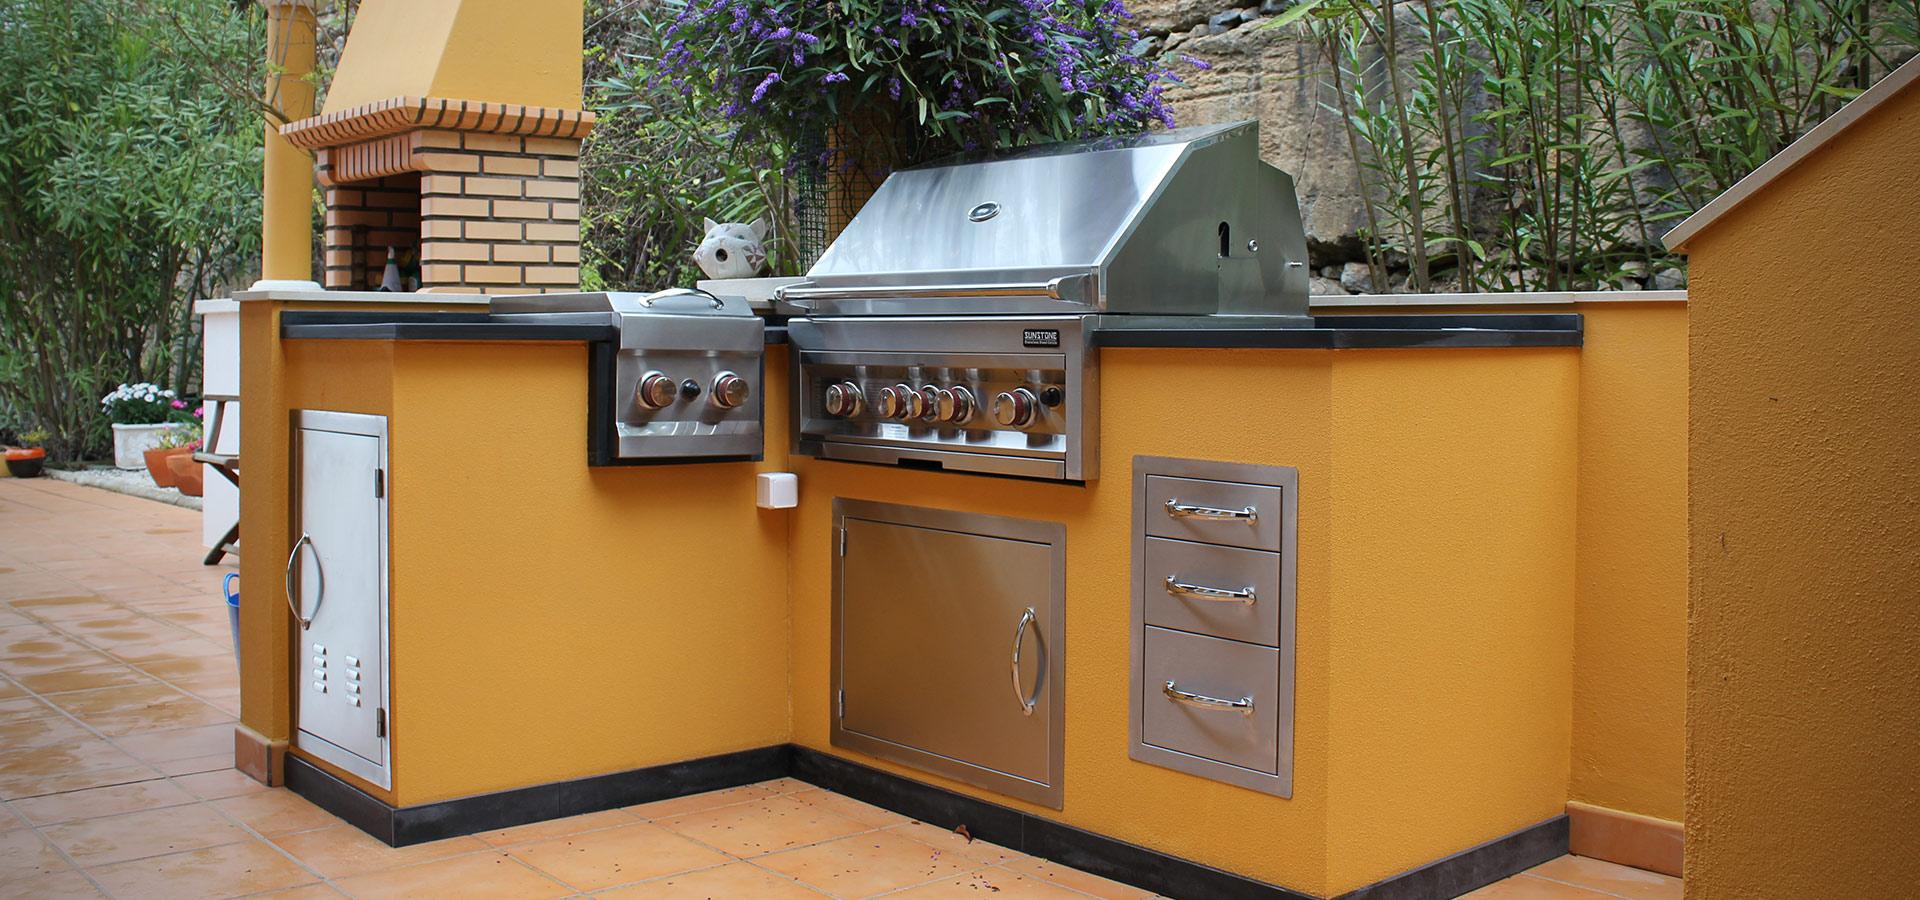 Ikea Outdoor Küche Einrichten : √ küche bestechend outdoor küche ikea design ikea outdoor küche